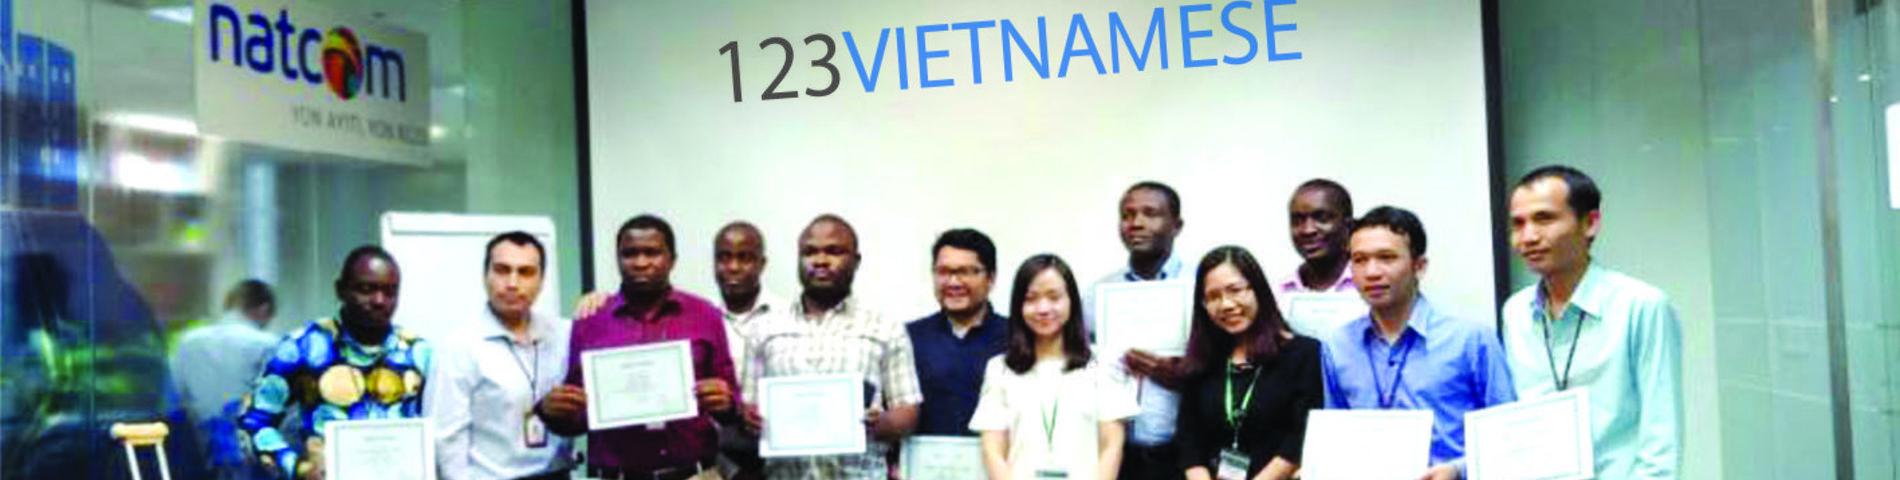 123 Vietnamese Center صورة 1